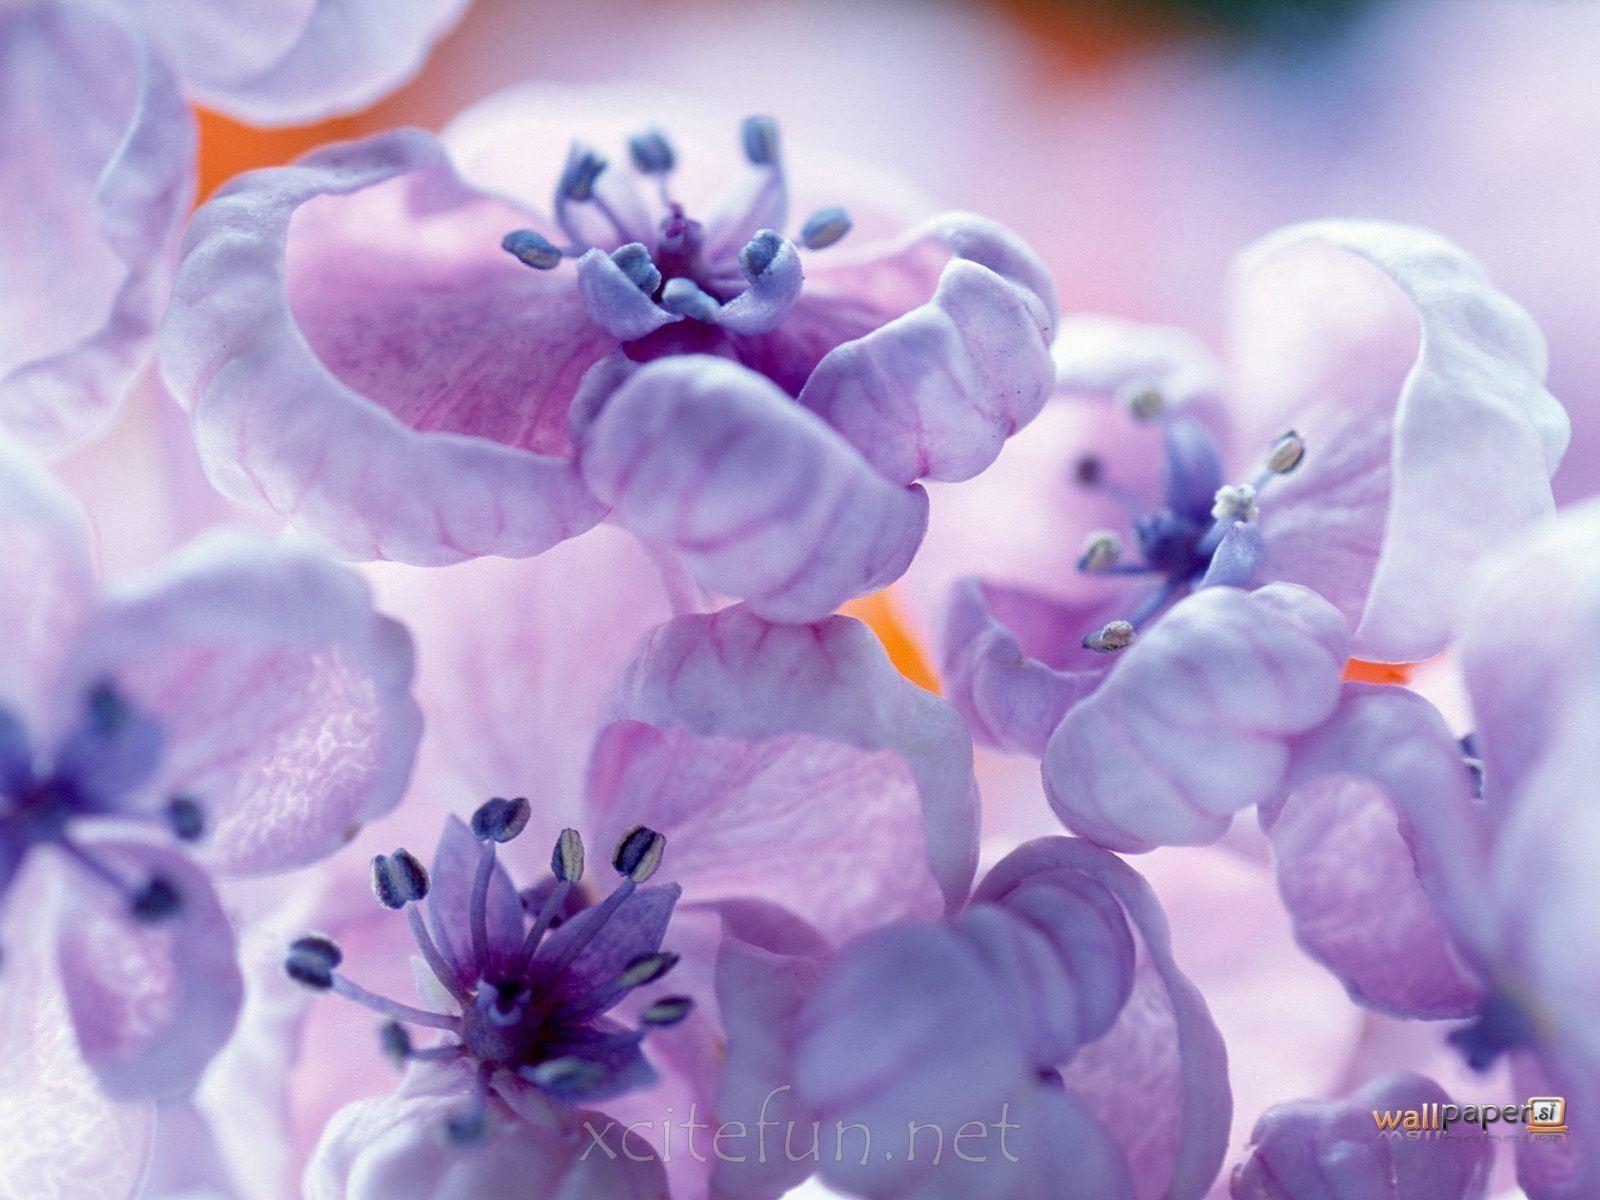 Worlds most beautiful flowers most beautiful flower wallpapers worlds most beautiful flowers most beautiful flower wallpapers izmirmasajfo